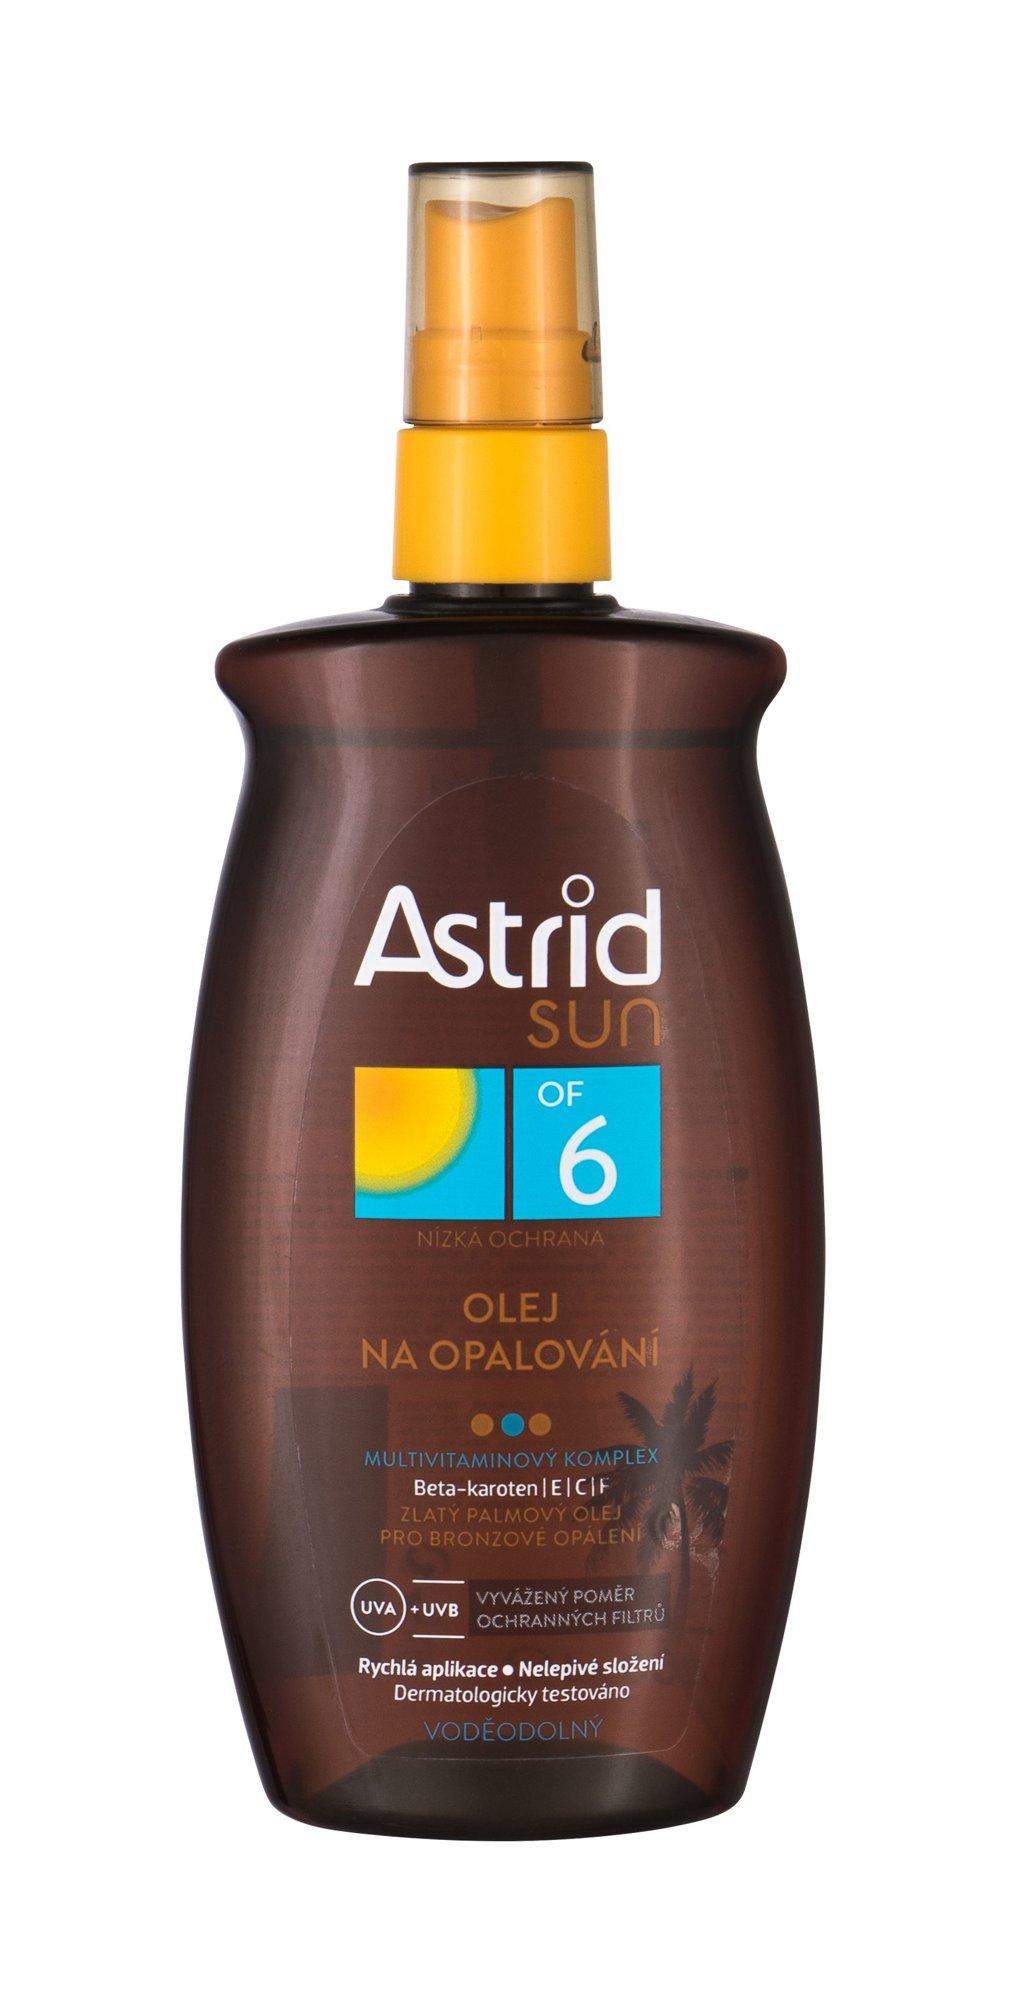 Astrid Sun Sun Body Lotion 200ml